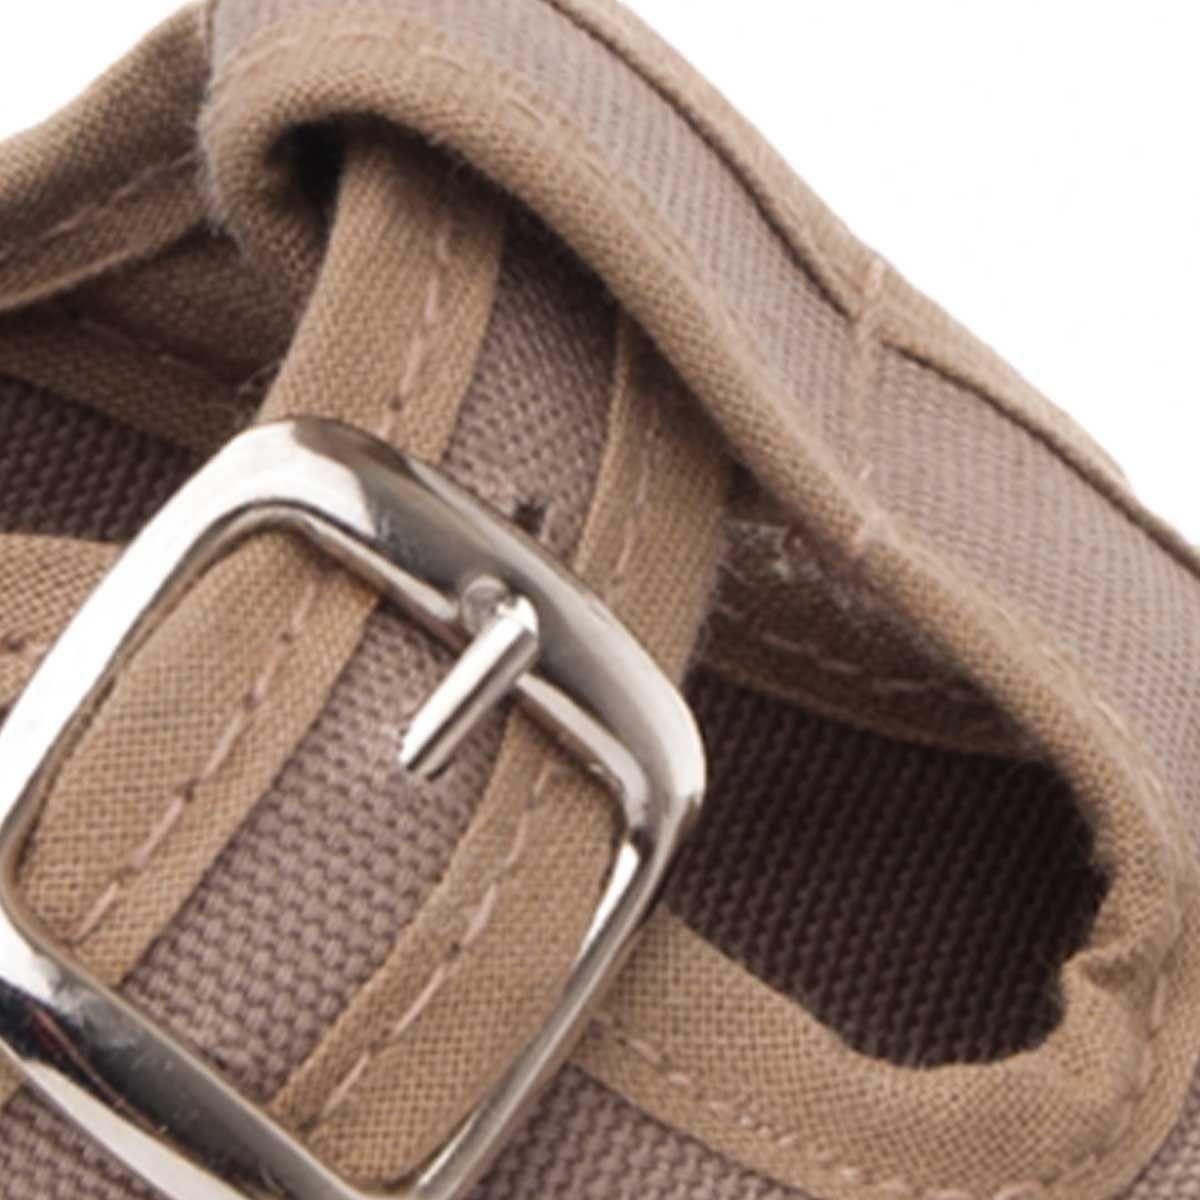 Montevita Comfortable Sneaker in Beige